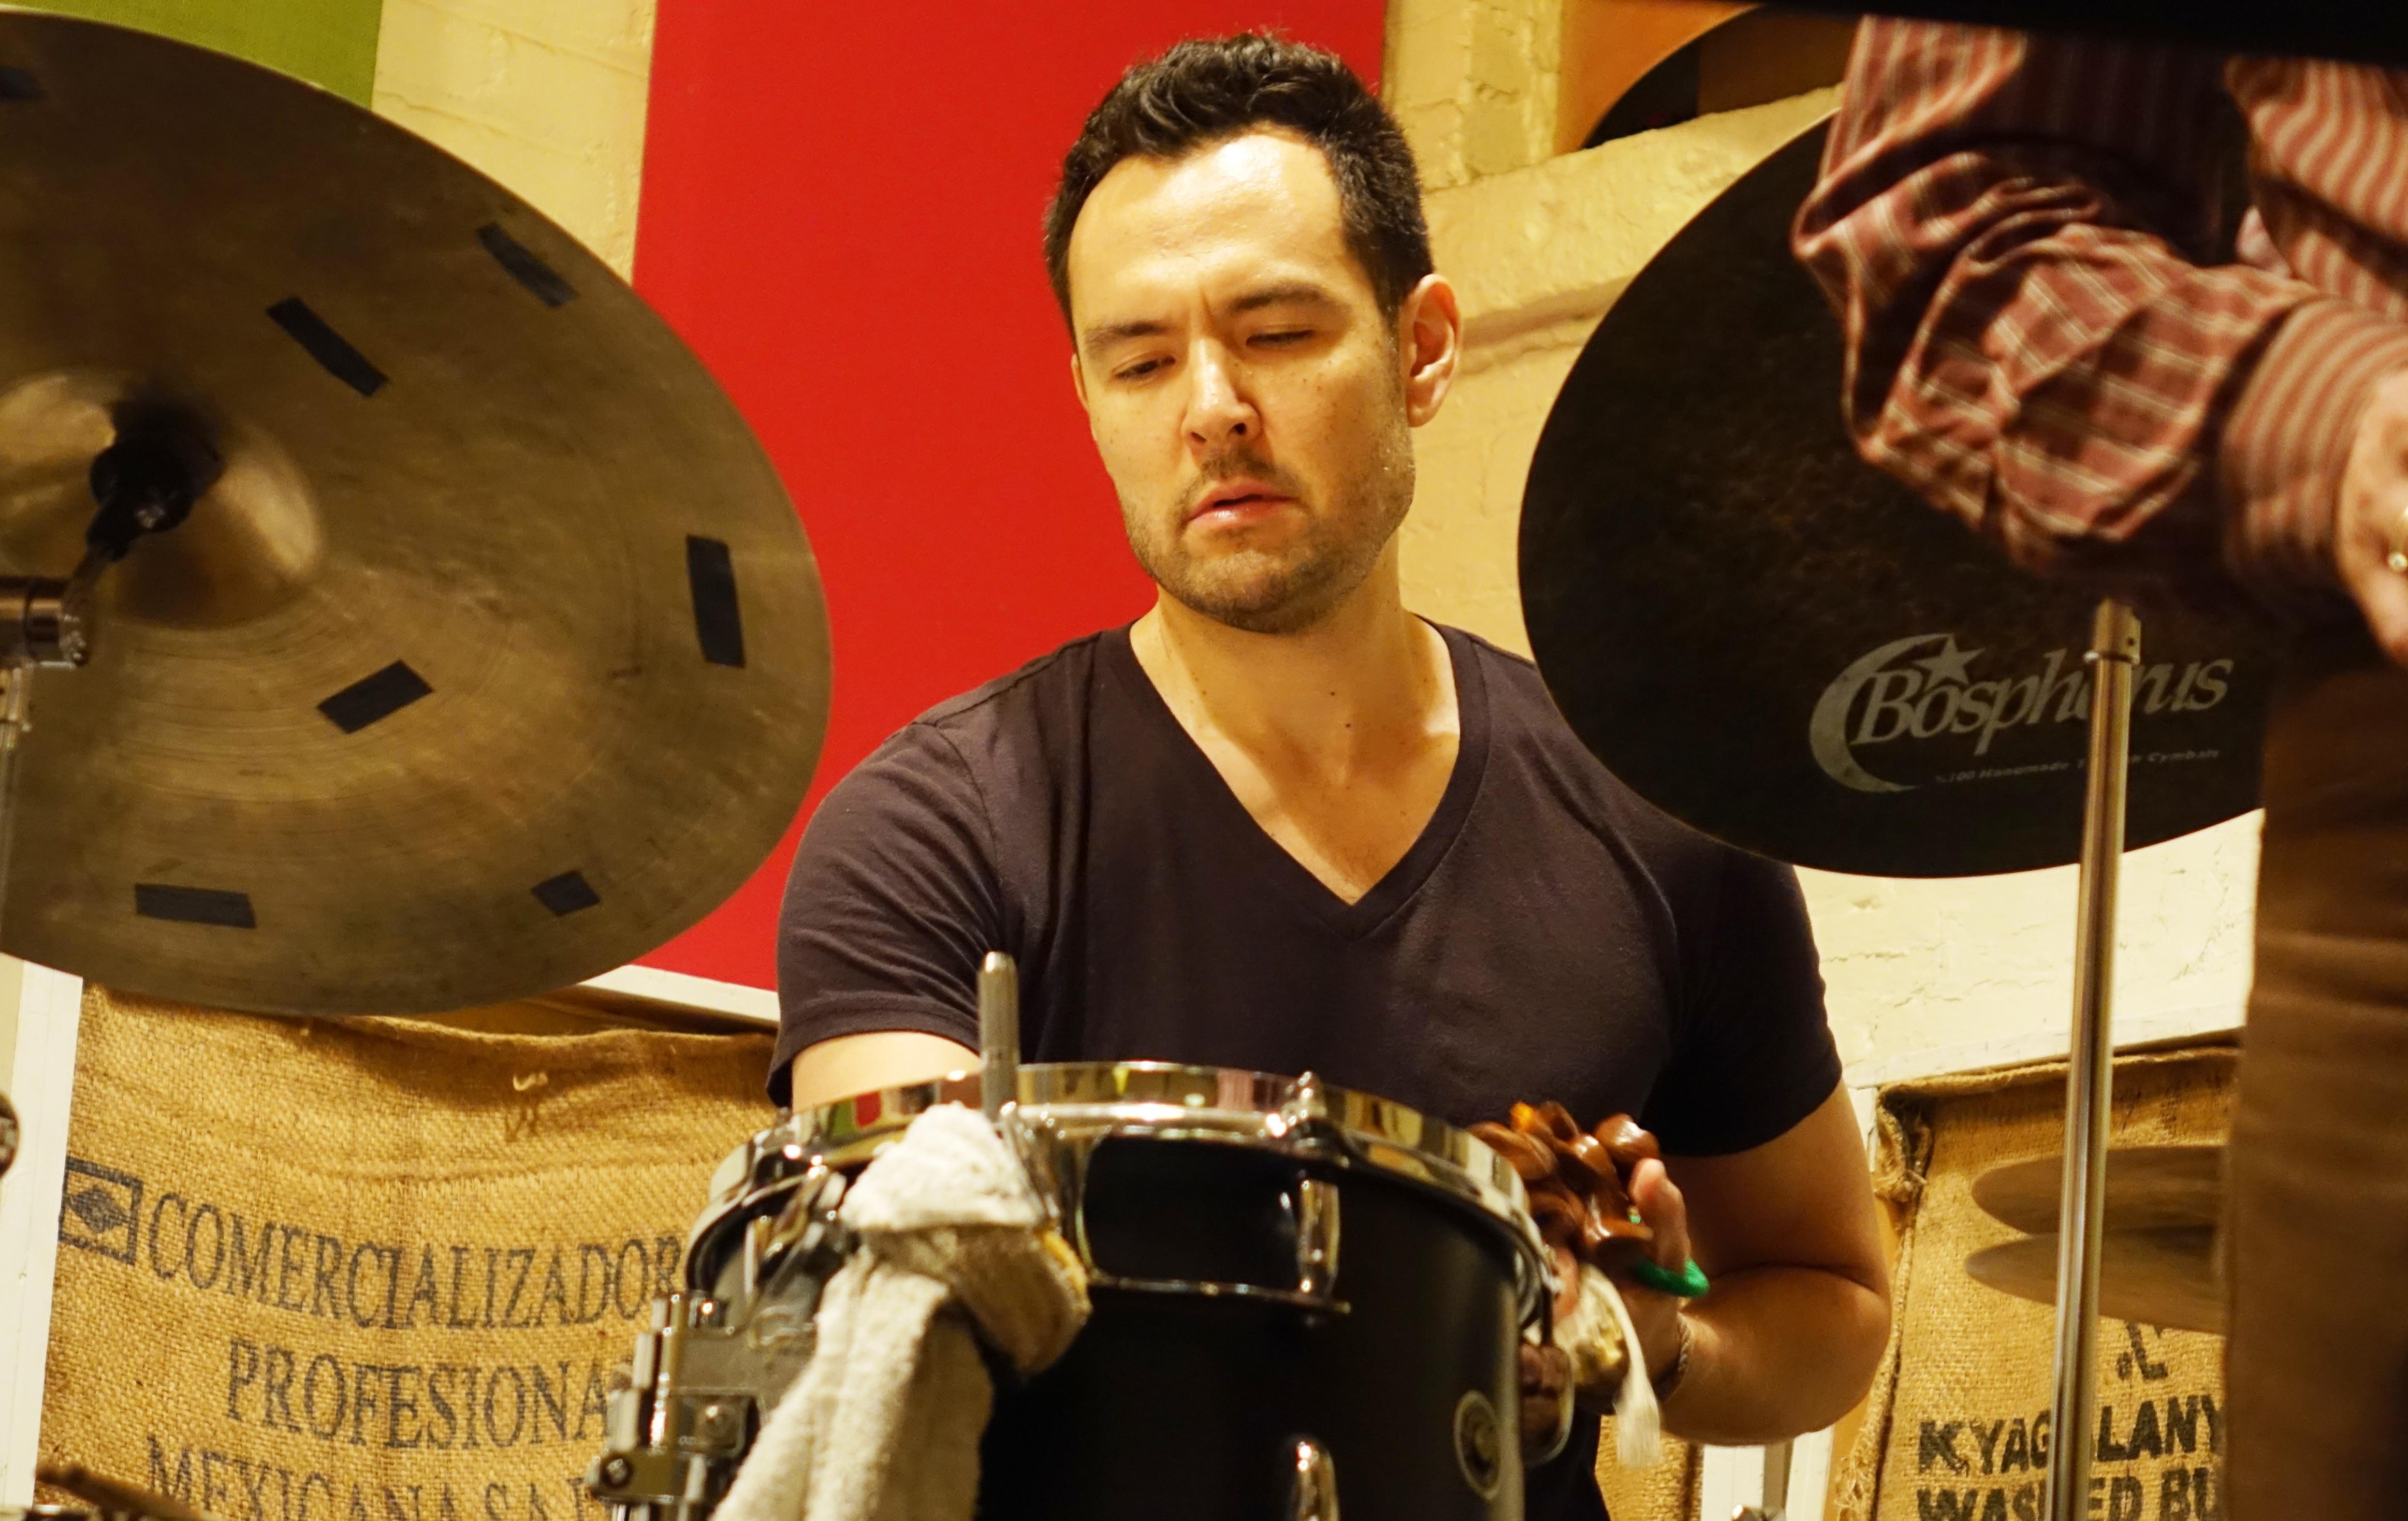 Tomas Fujiwara at Ibeam, Brooklyn in May 2018